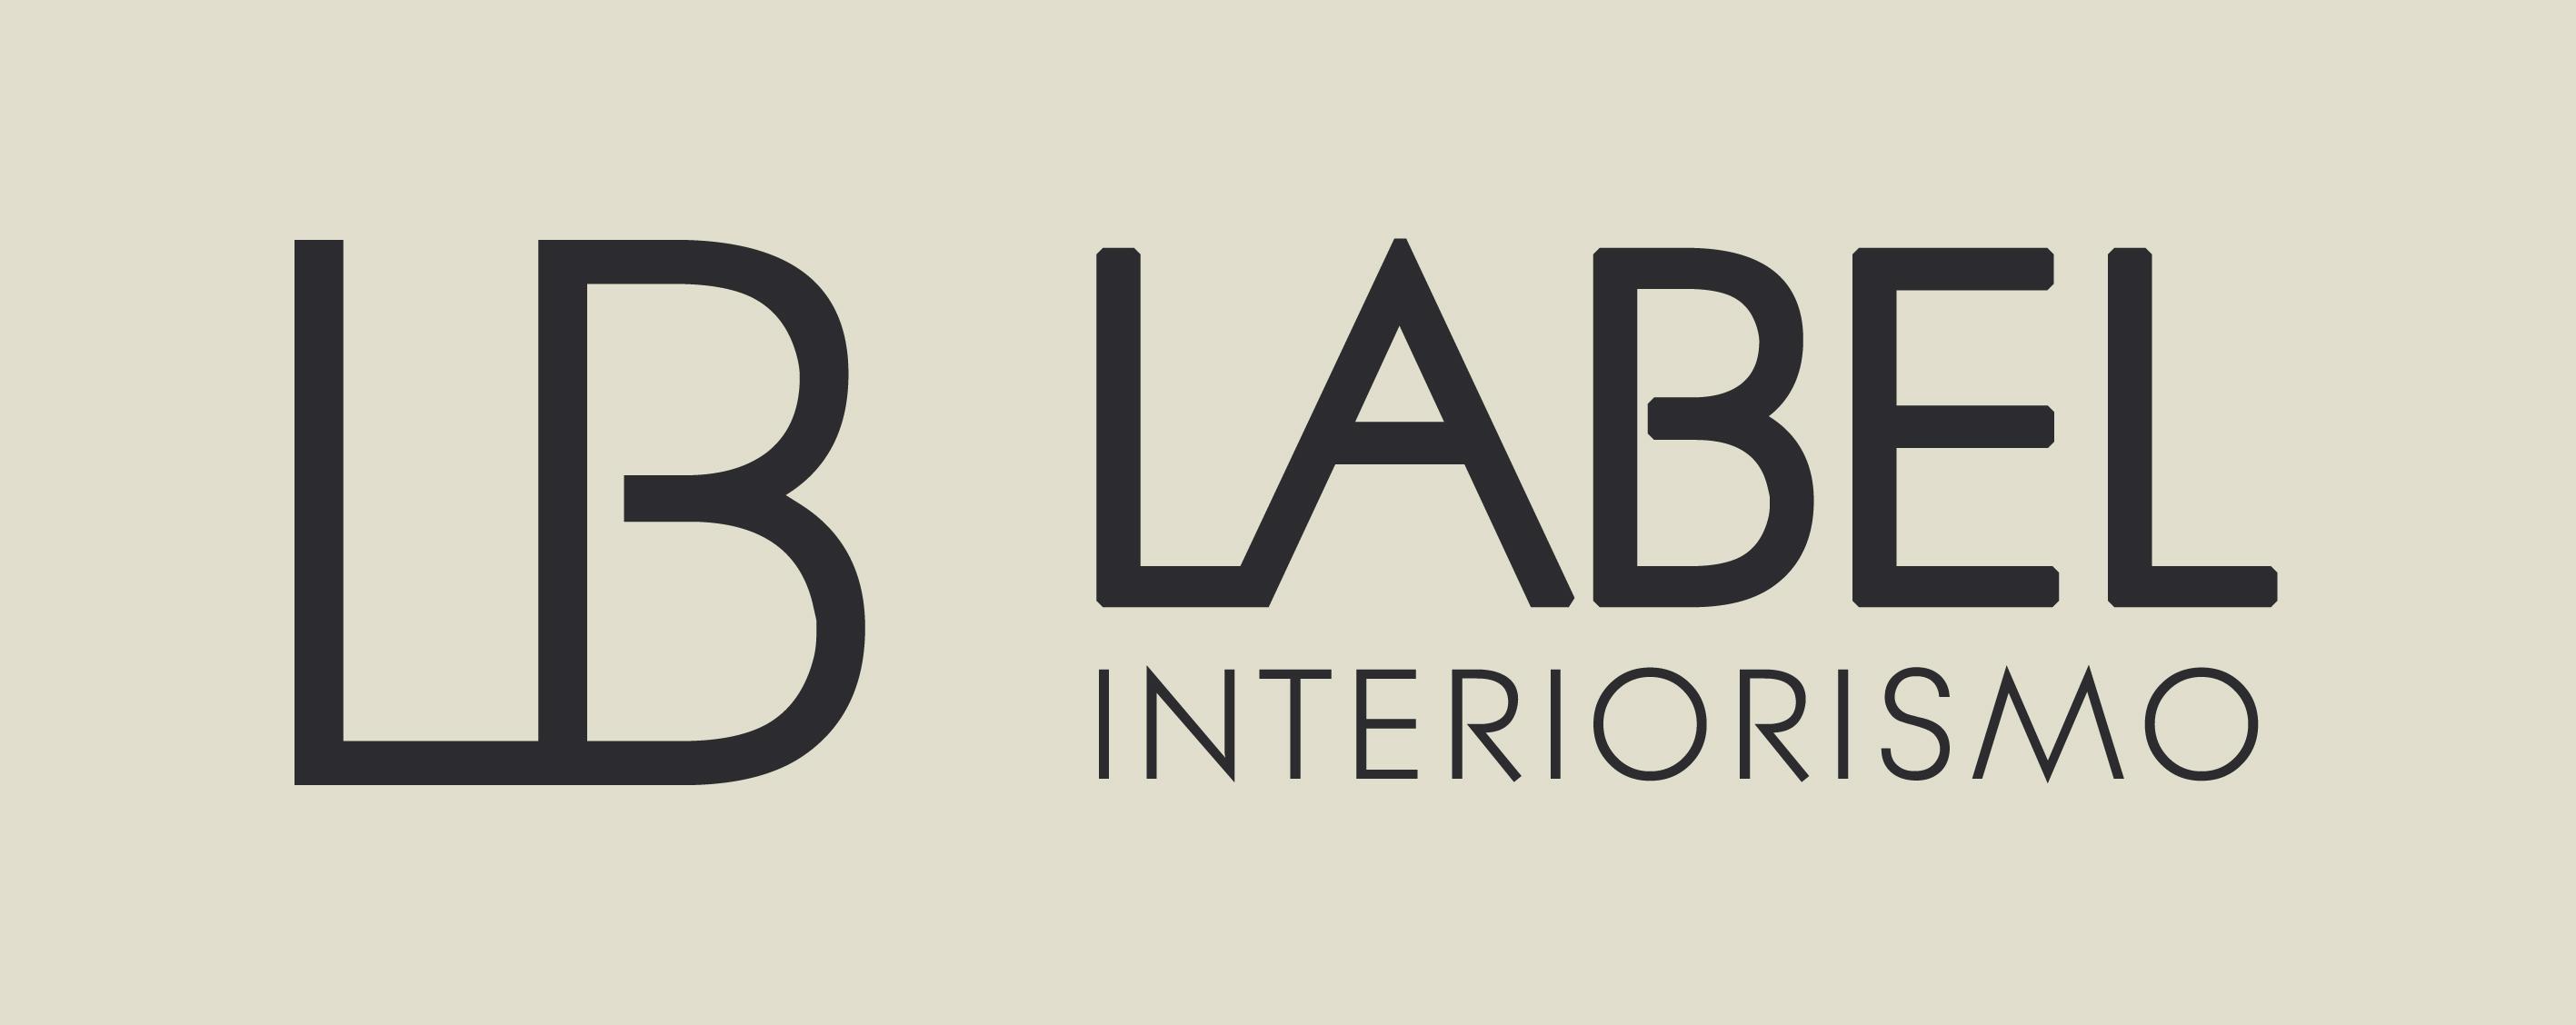 Label Interiorismo